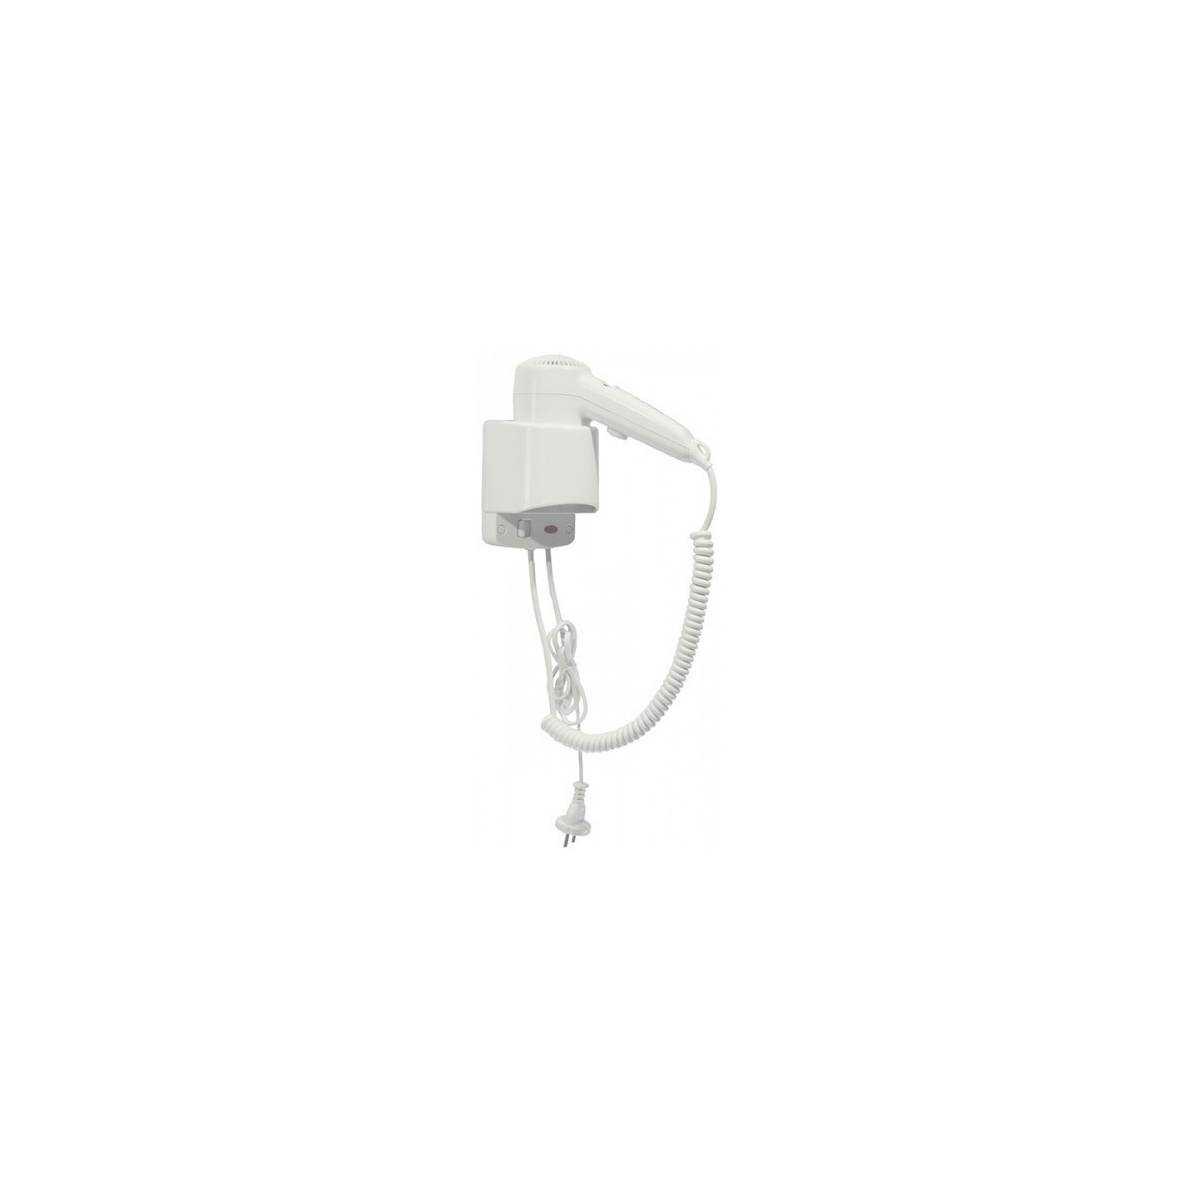 Настенный фен Mediclinics 1240Вт (SC0020) SC0020 Mediclinics